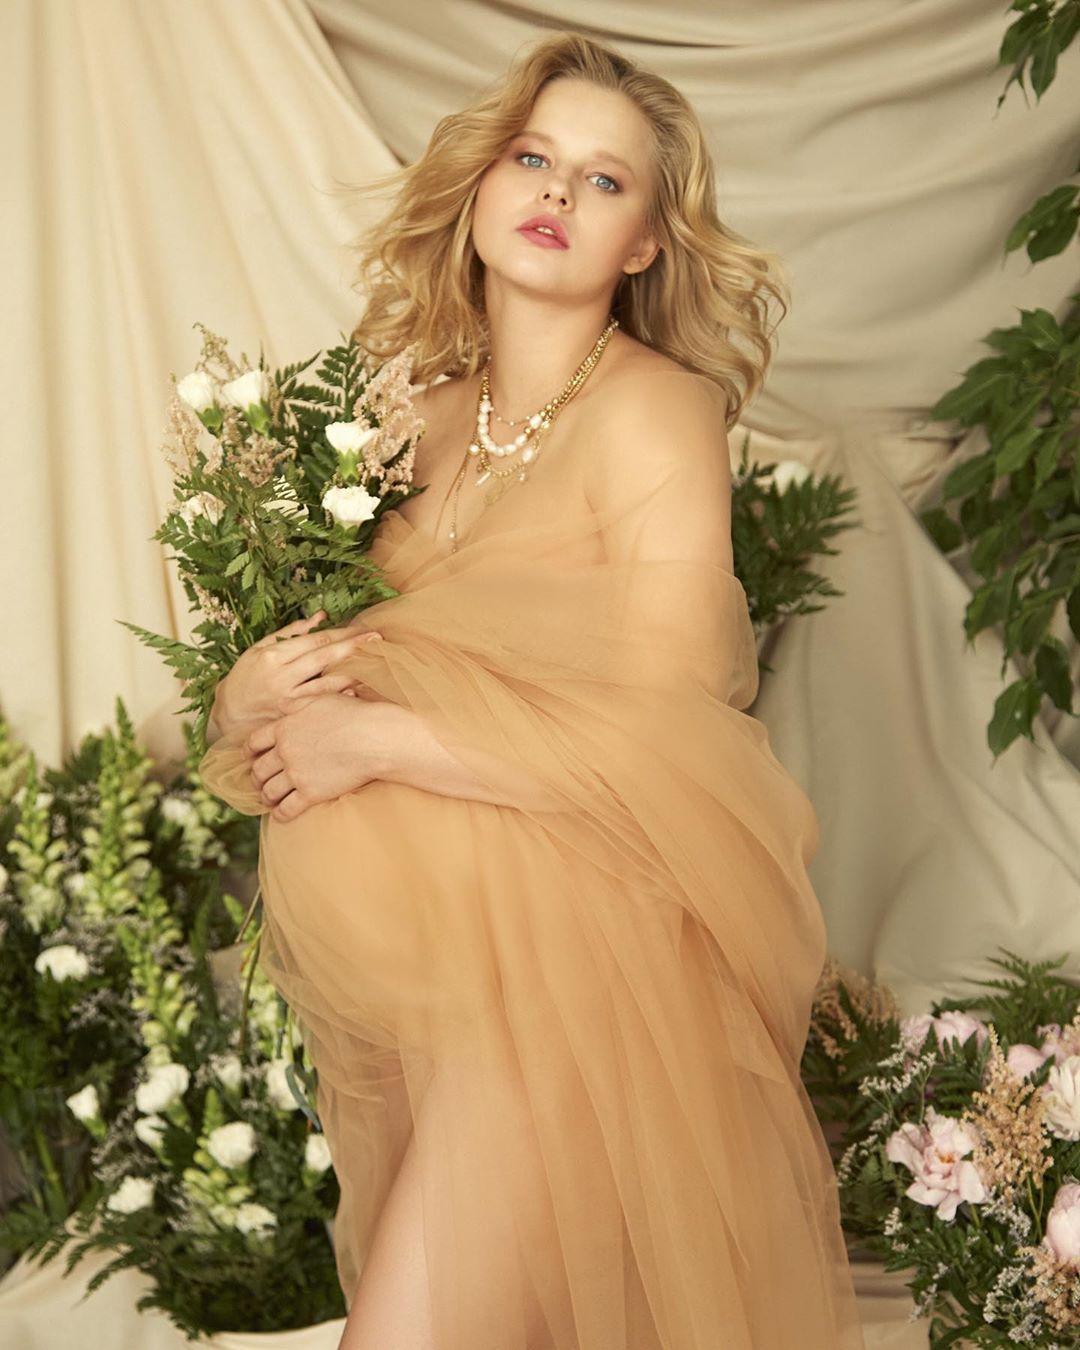 Александра Бортич стала мамой и поделилась трогательным снимком